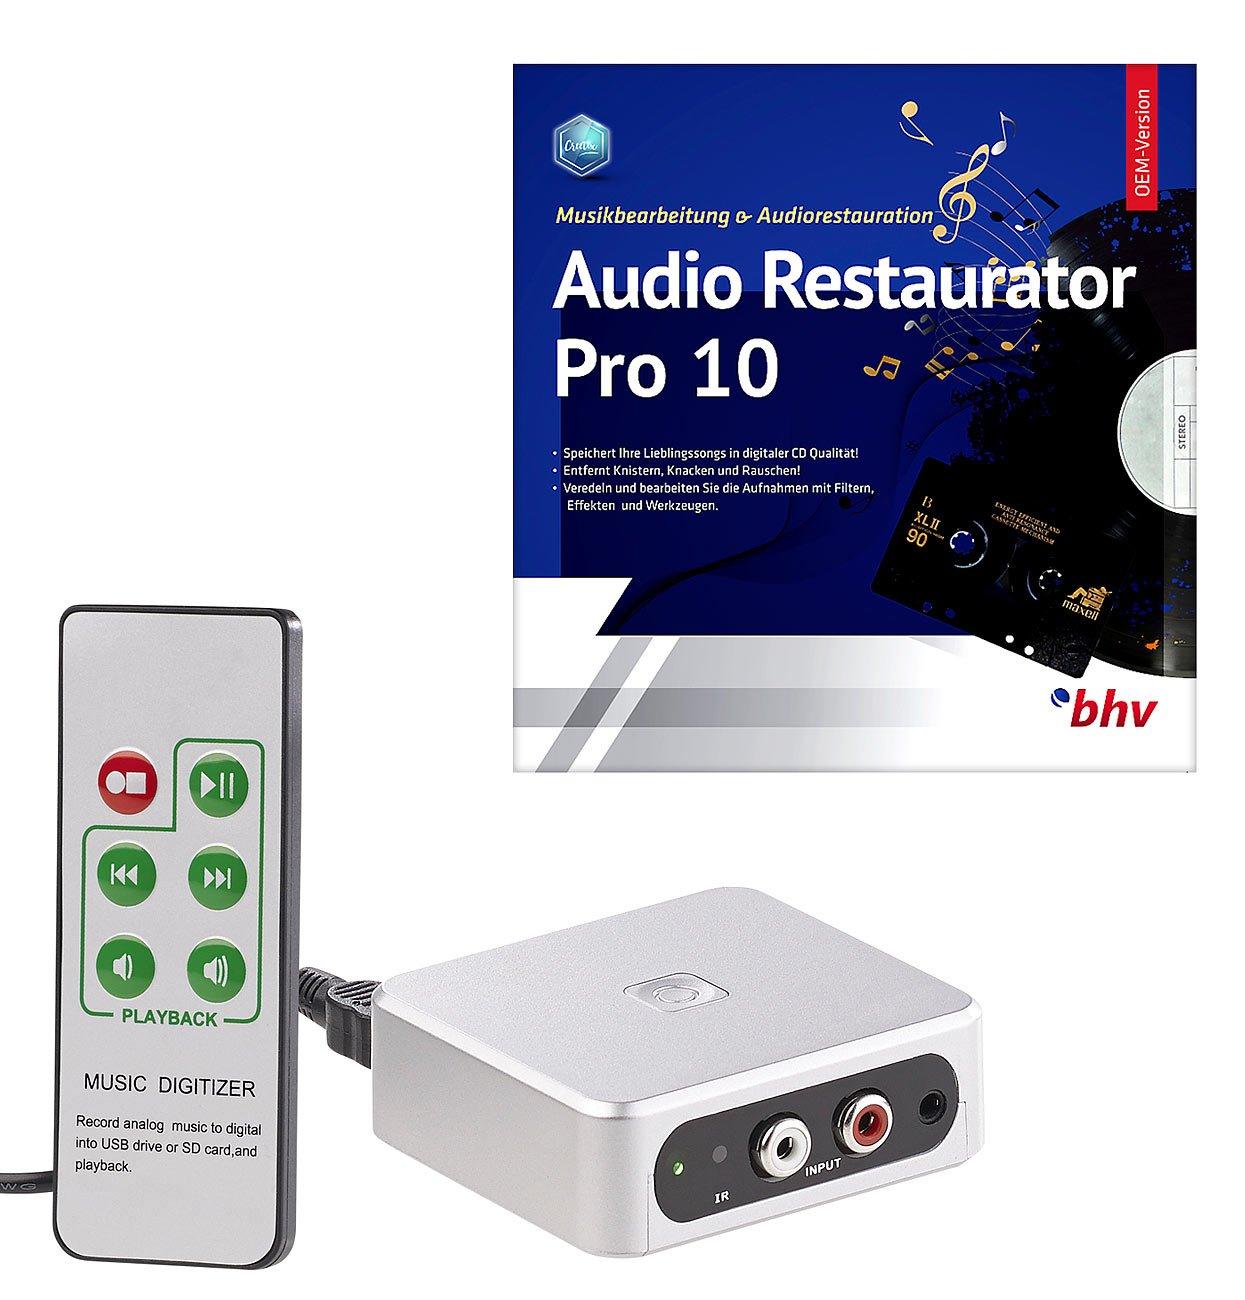 Konvertieren Vinyls Zu Sparen Sie In Usb-stick Oder Sd-karte Direkt Heim-audio & Video Vinyl Plattenspieler Zu Mp3 Audio Capture Card